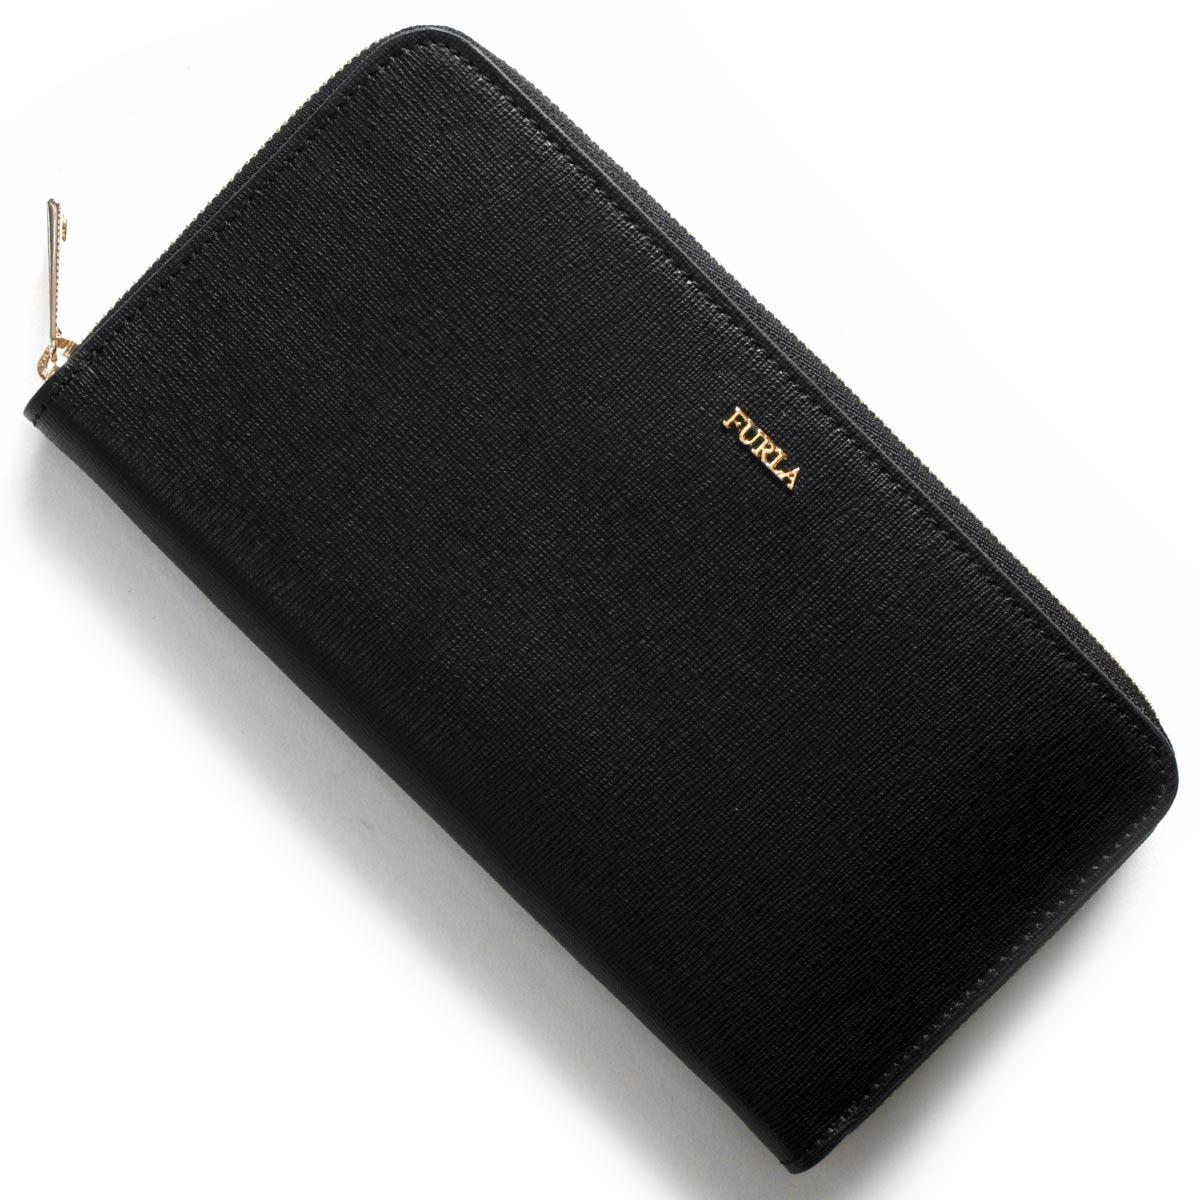 フルラ 長財布 財布 レディース バビロン BABYLON ブラック PS52 B30 O60 FURLA